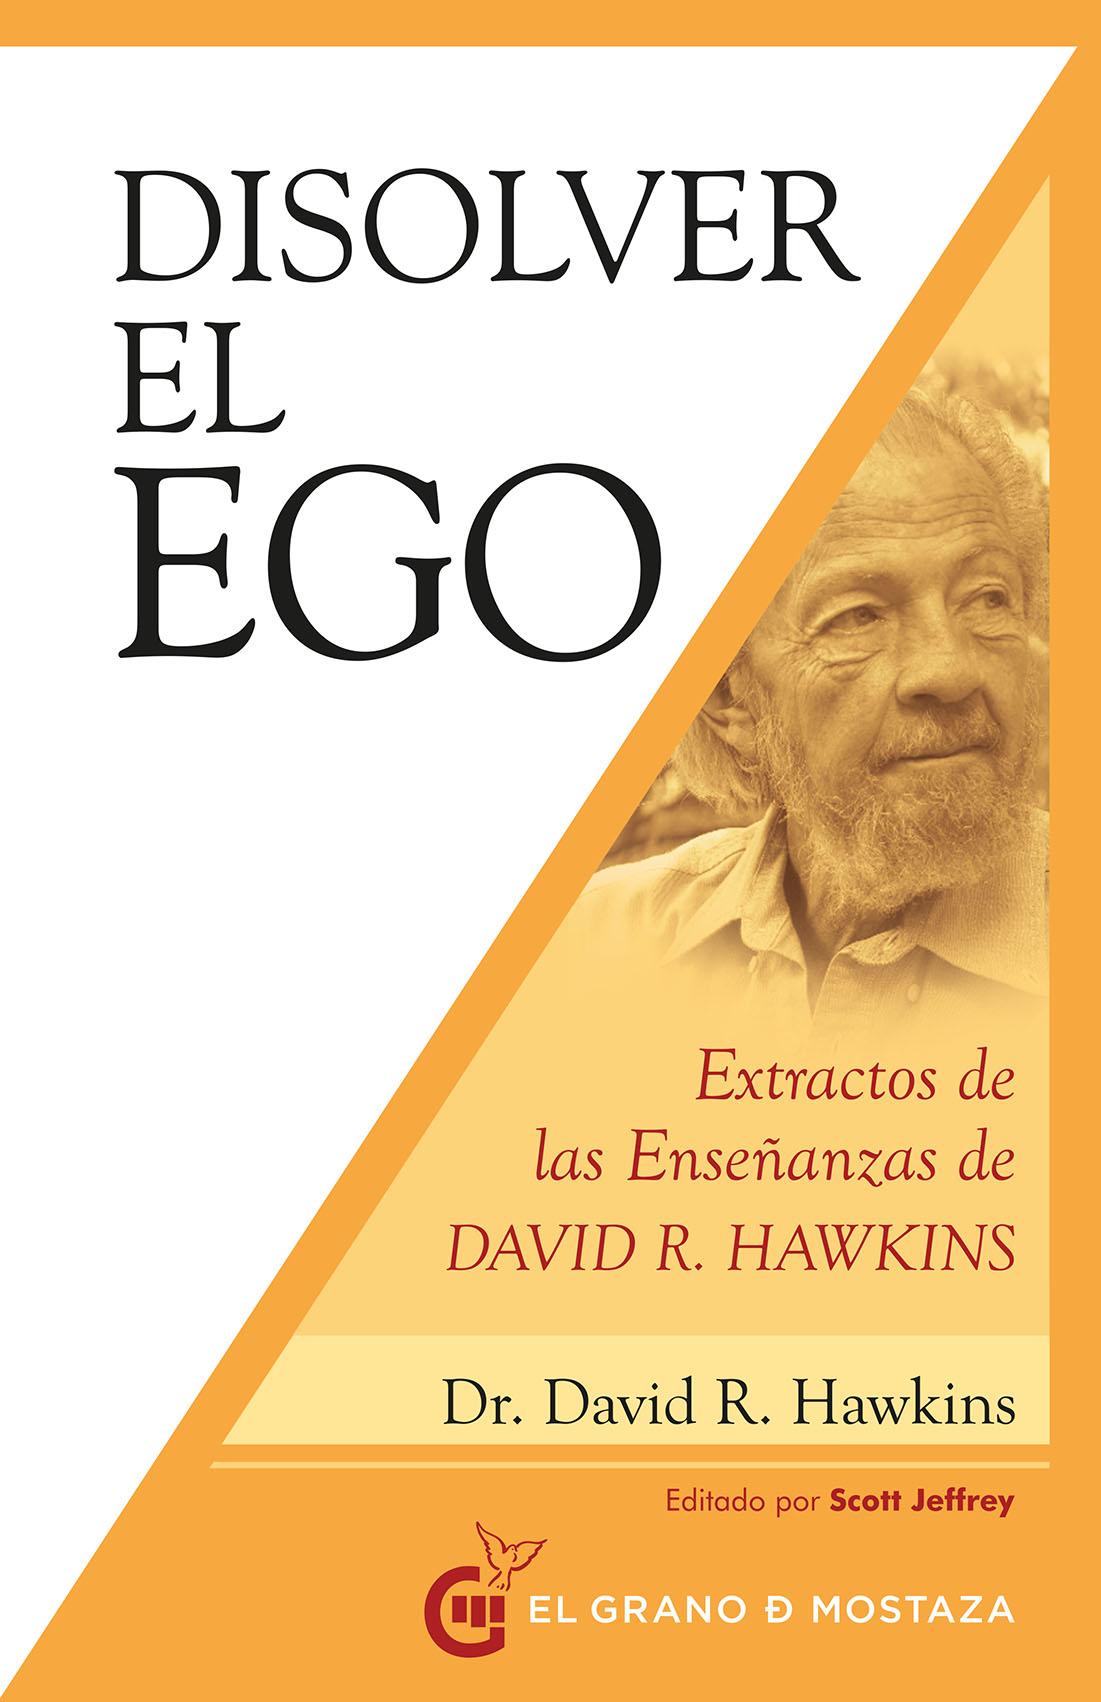 Portada Disolver el Ego David R. Hawkins